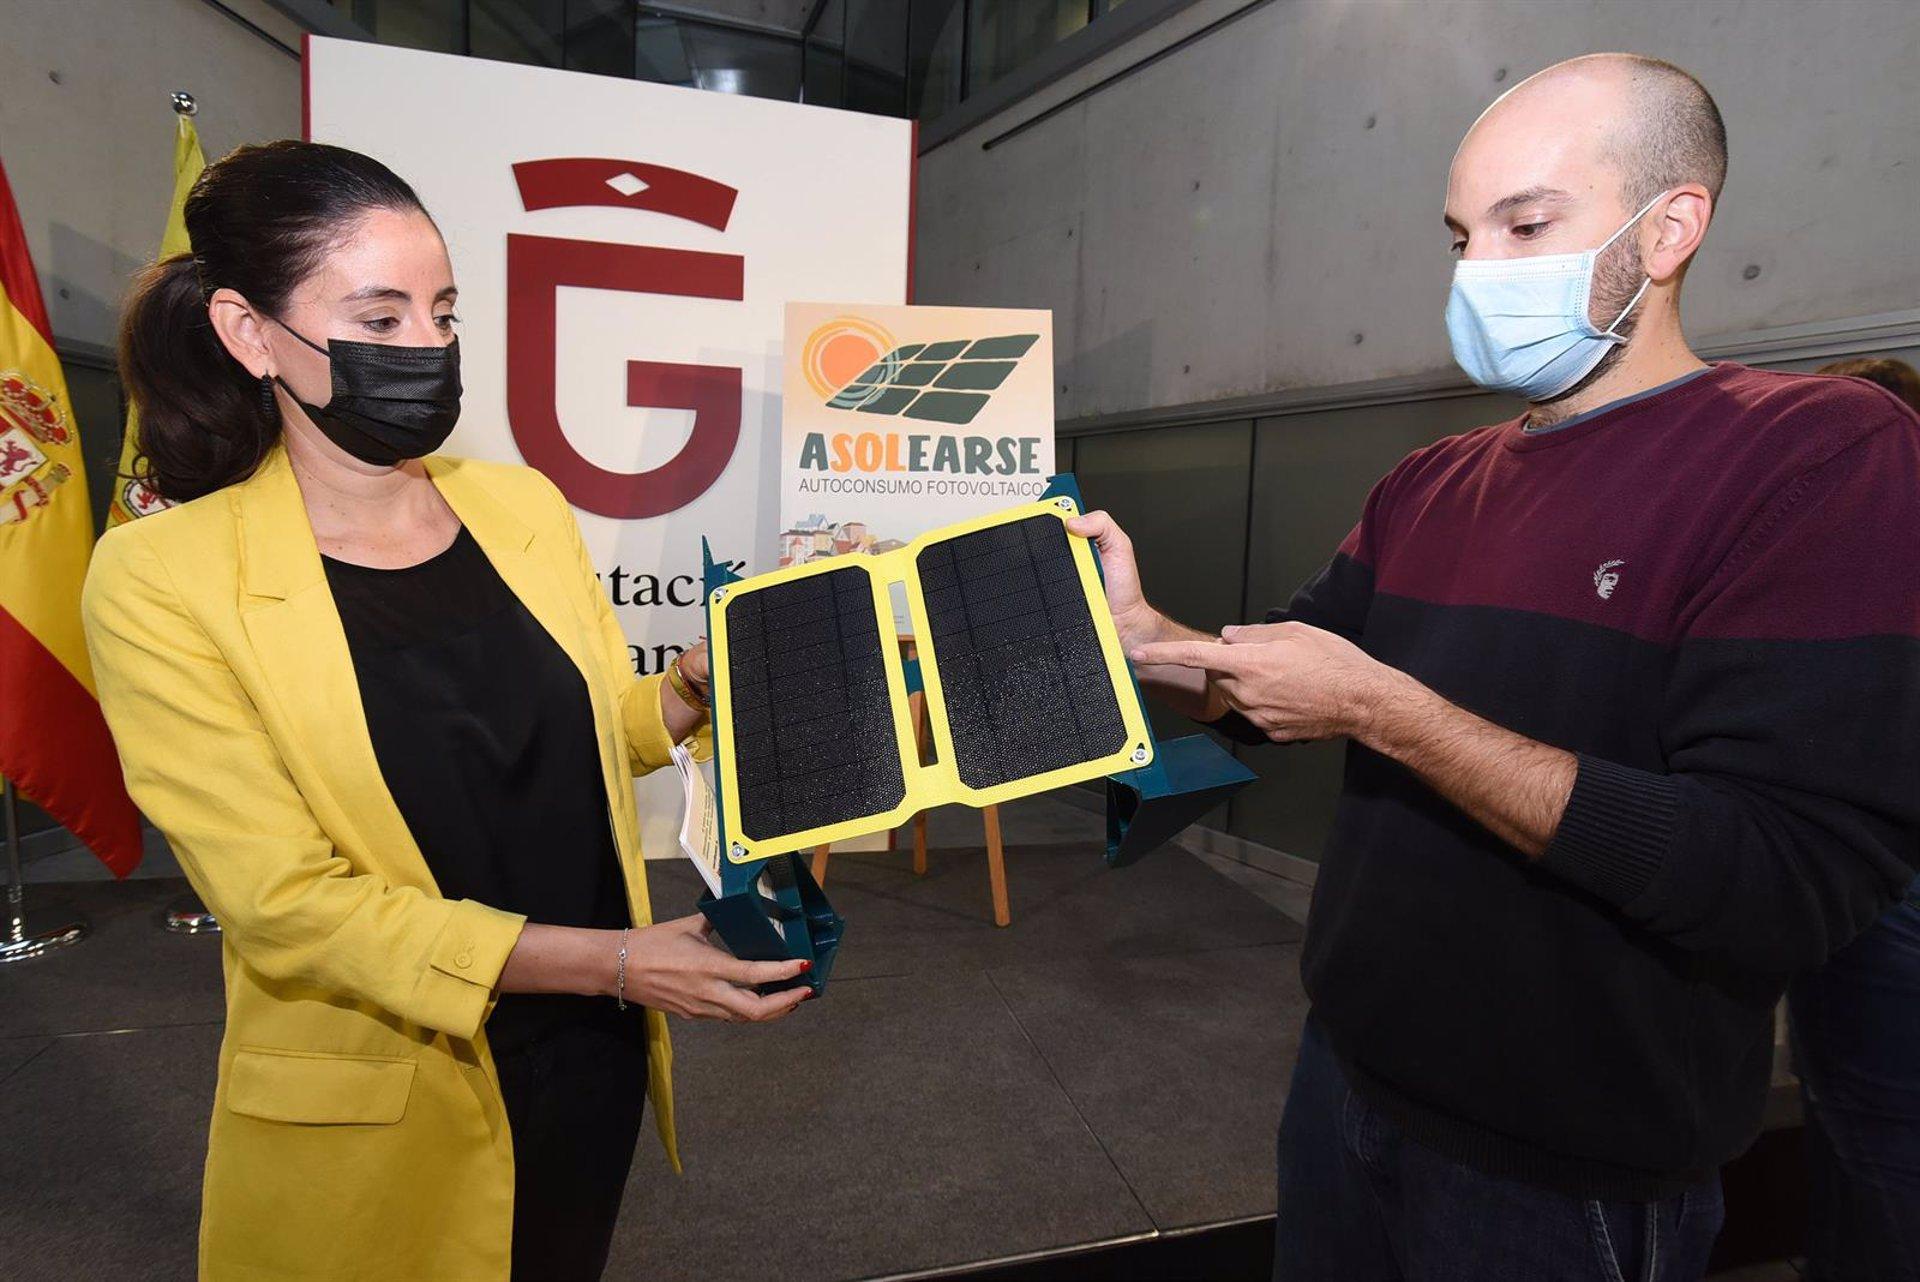 La Diputación lanza una campaña para informar sobre las ventajas de instalar placas solares en los domicilios